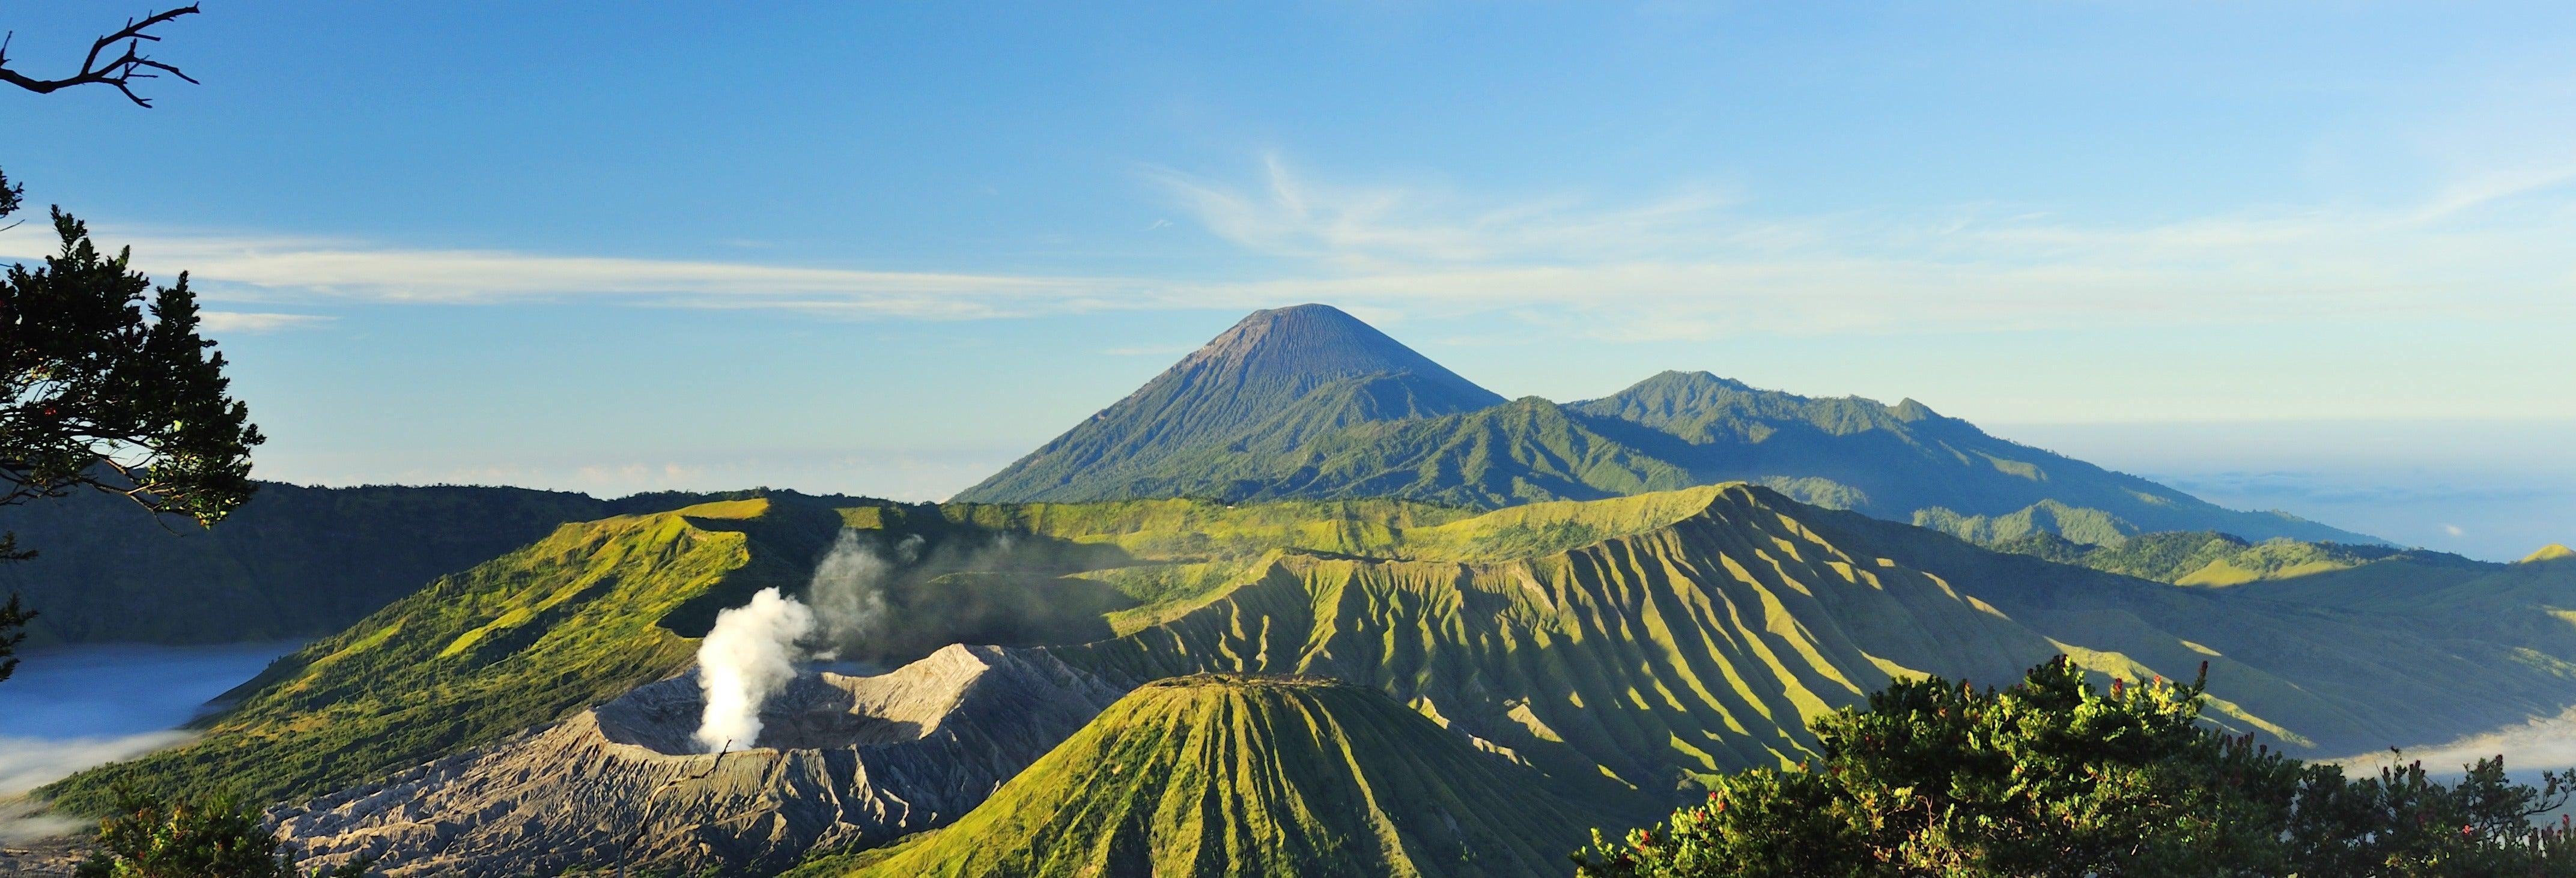 3 giorni sul Monte Bromo e Ijen da Yogyakarta fino a Bali